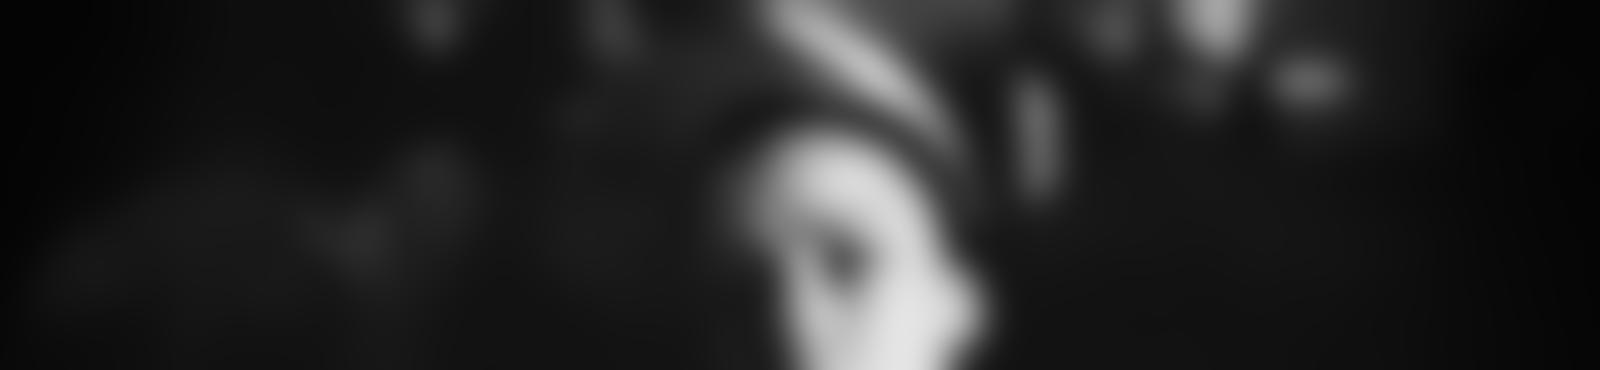 Blurred e632d691 1012 4c75 8486 28de32fc34cb